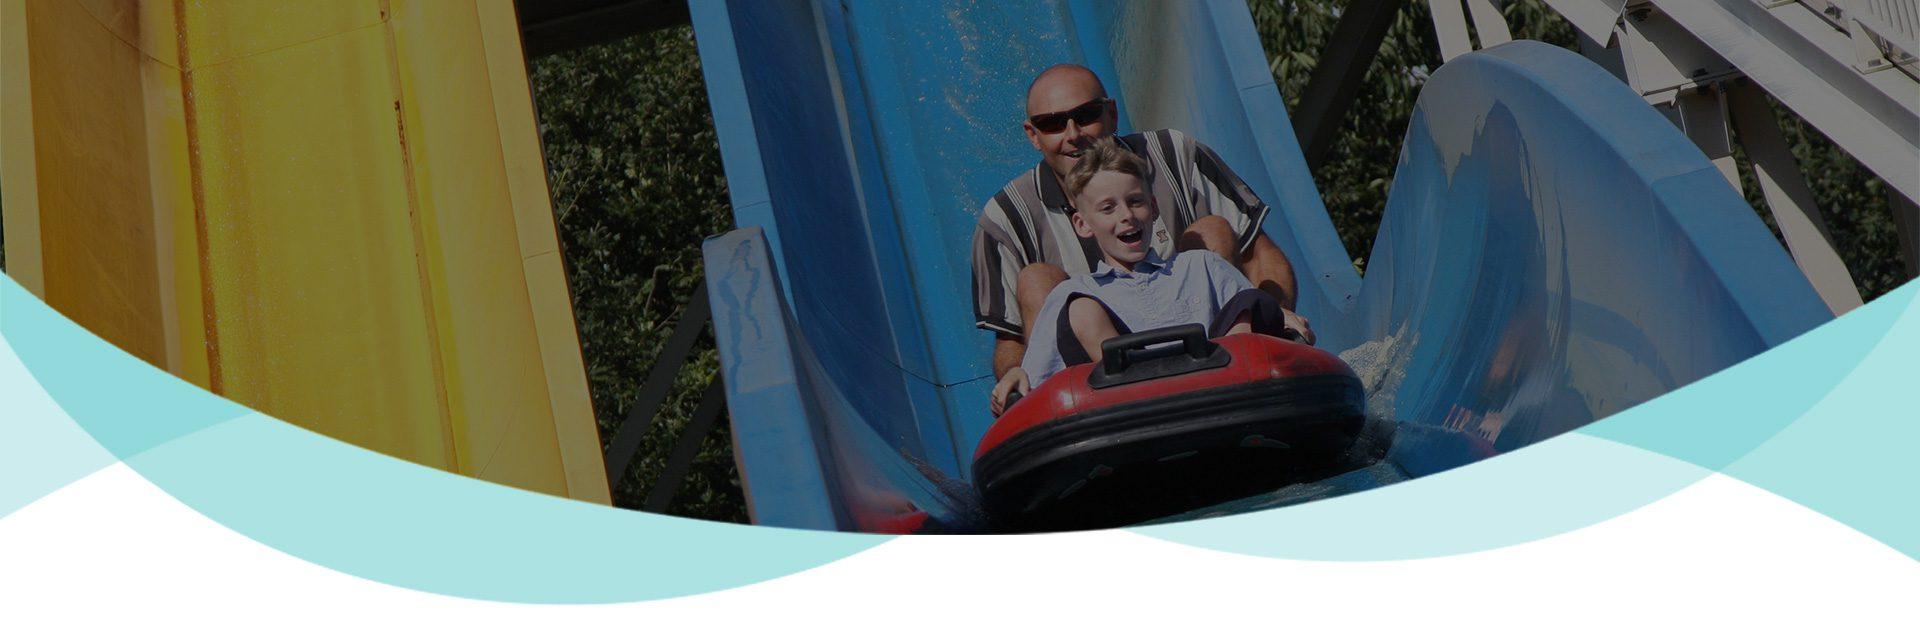 familie uitjes friesland, duinen zathe, verkeerspark, attractiepark